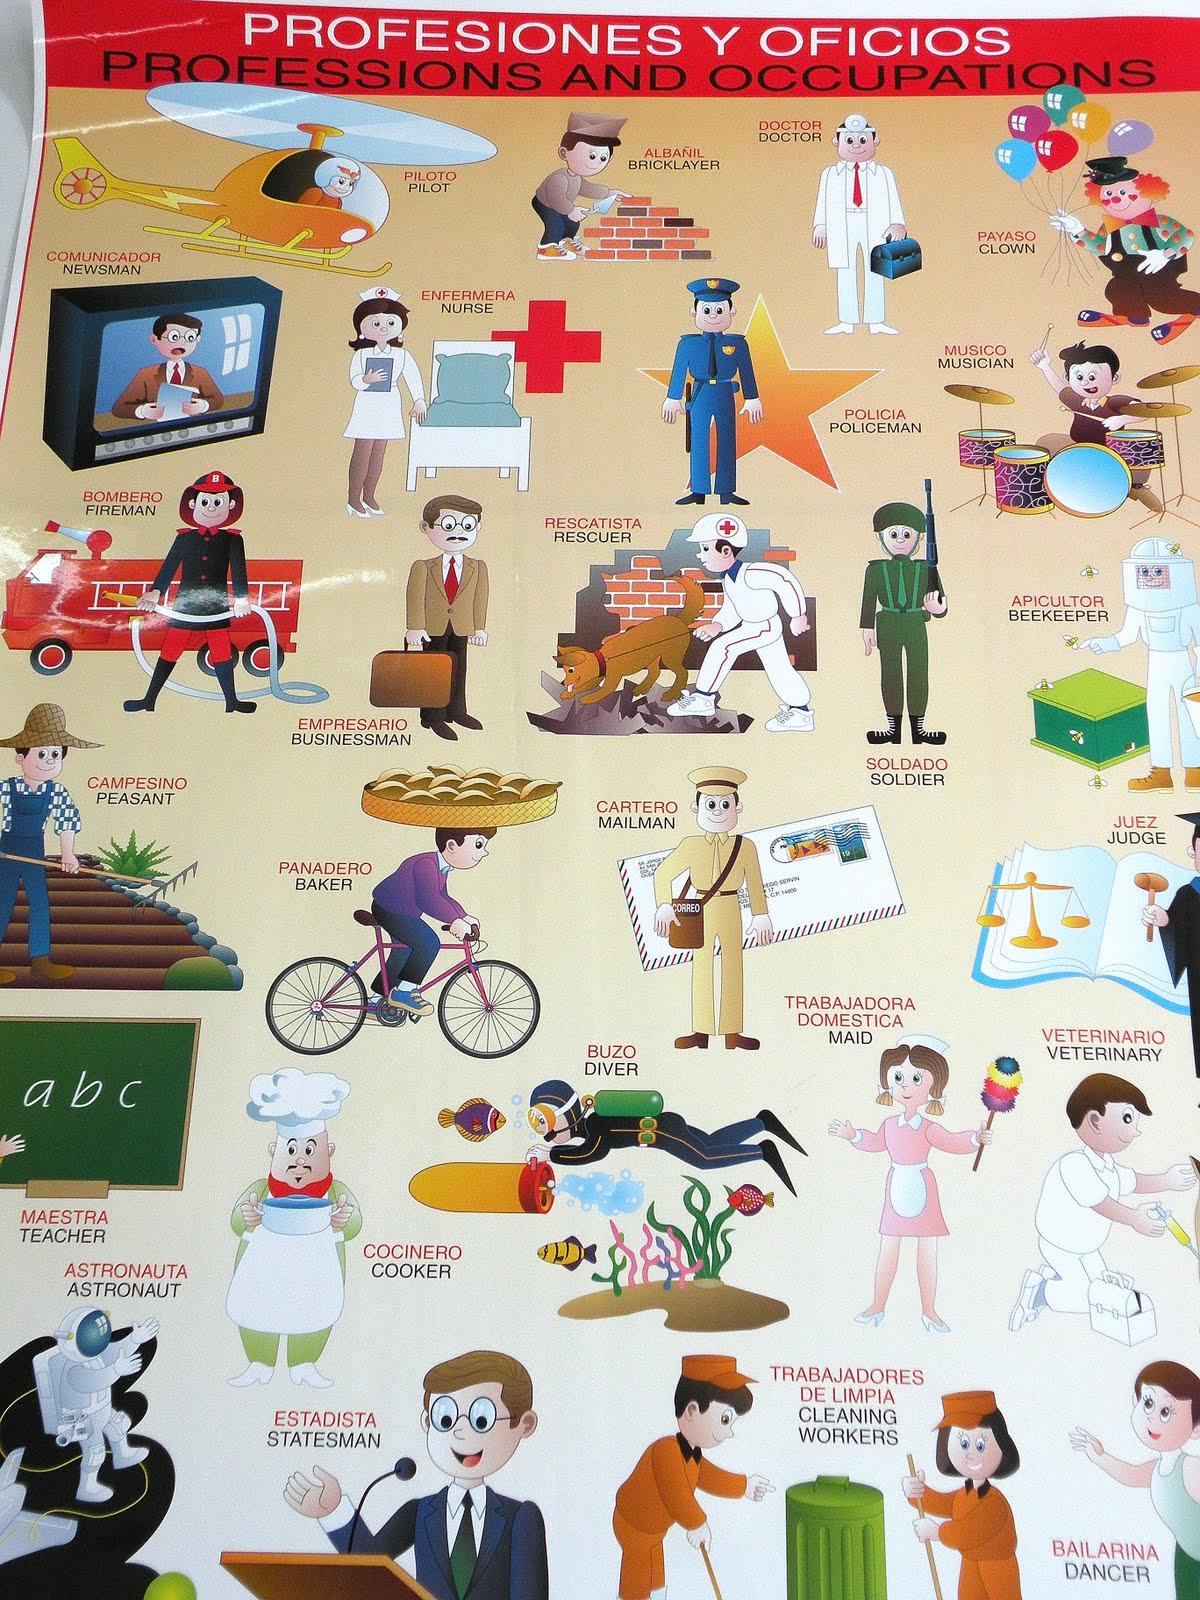 10 profesiones en inglés y español - Imagui